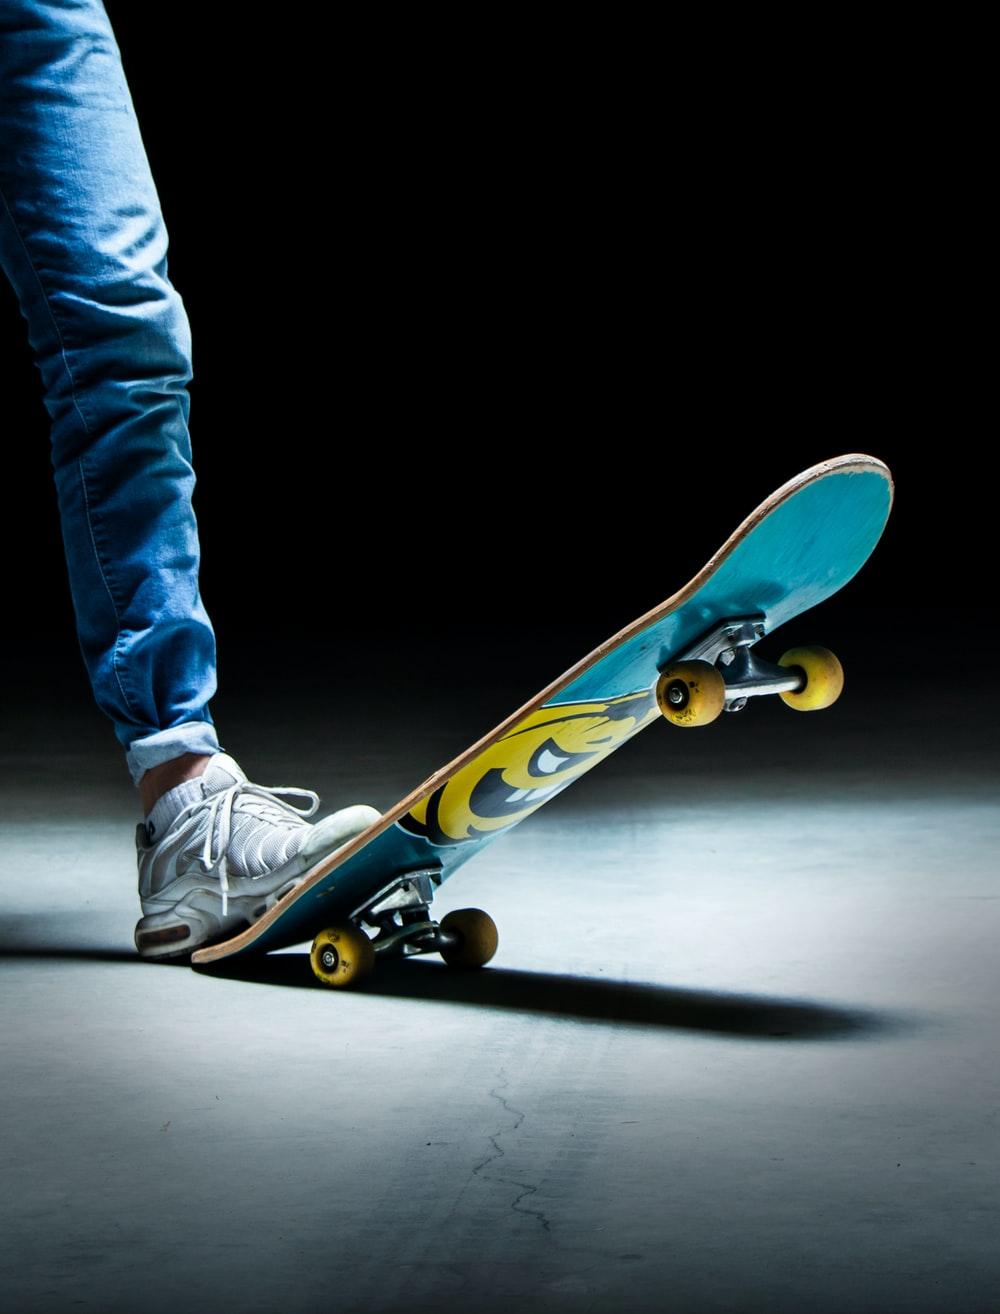 Skateboard Wallpapers HD Download [500 HQ] Unsplash 1000x1314